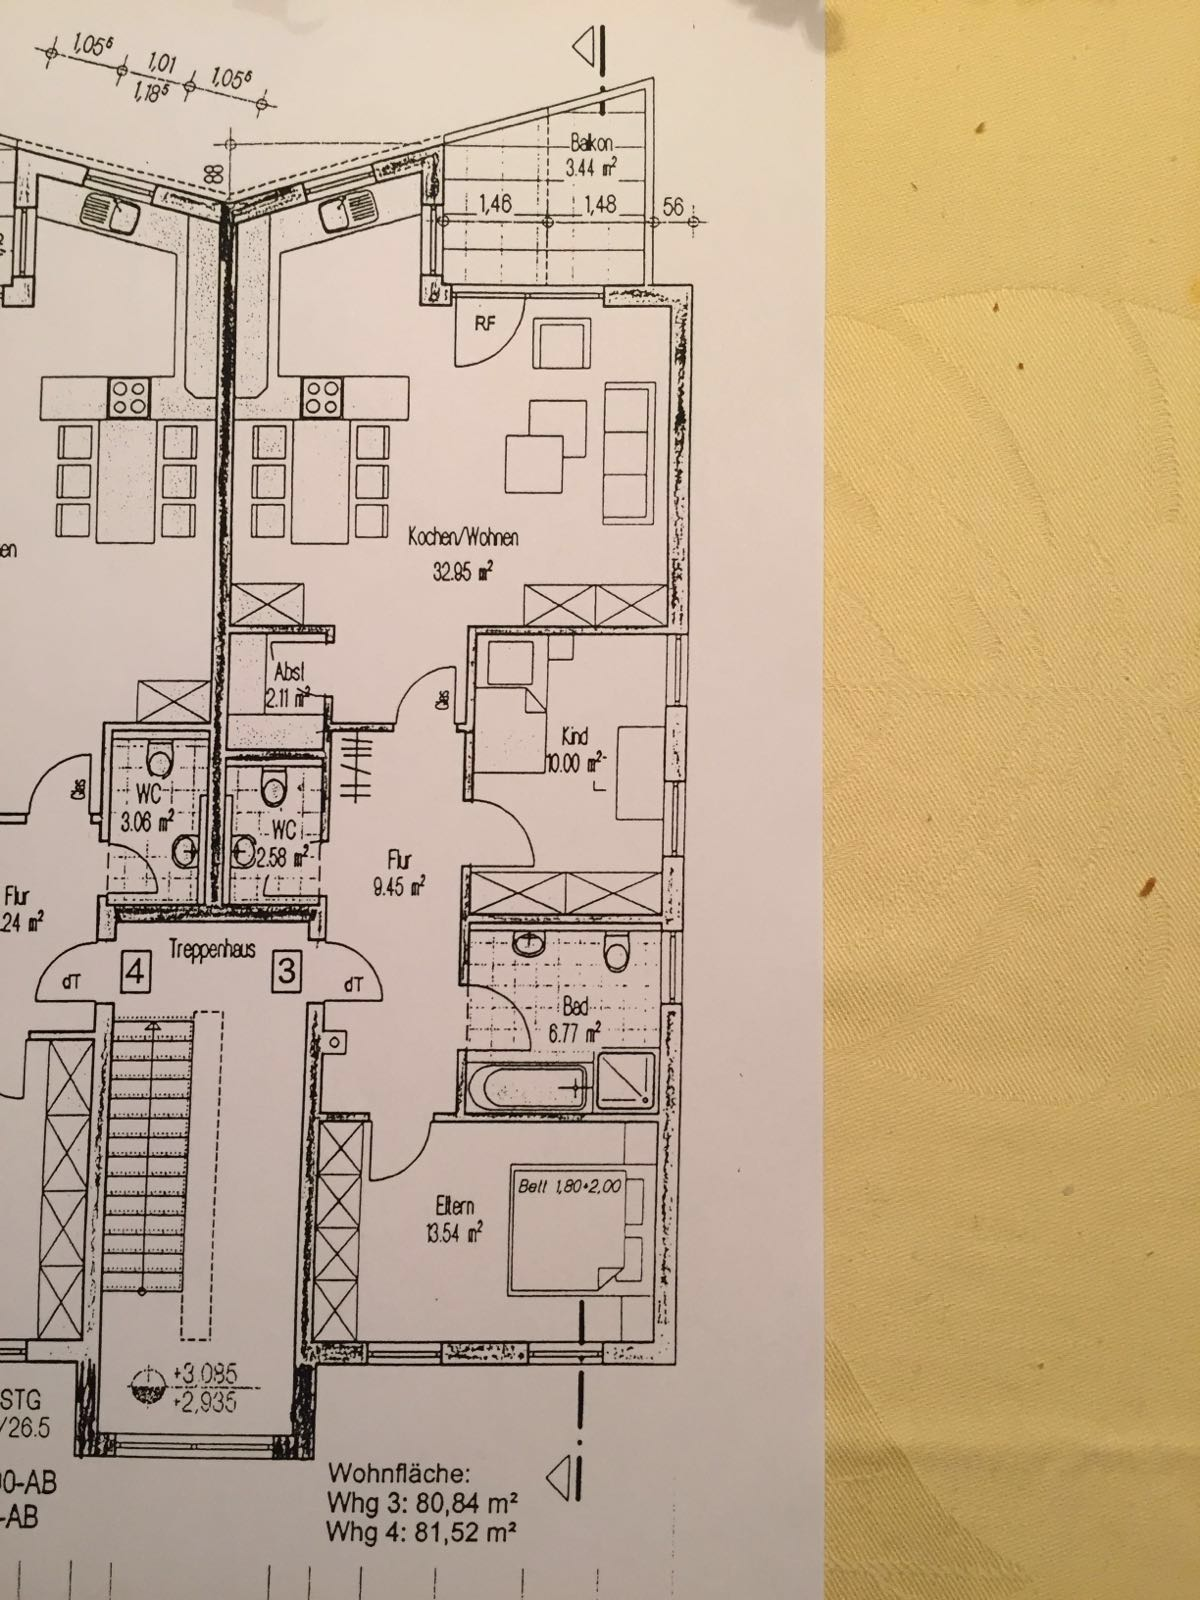 Weie Kche Ikea Cool Zuhause With Weie Kche Ikea Fabulous News Von Ikea With Weie Kche Ikea